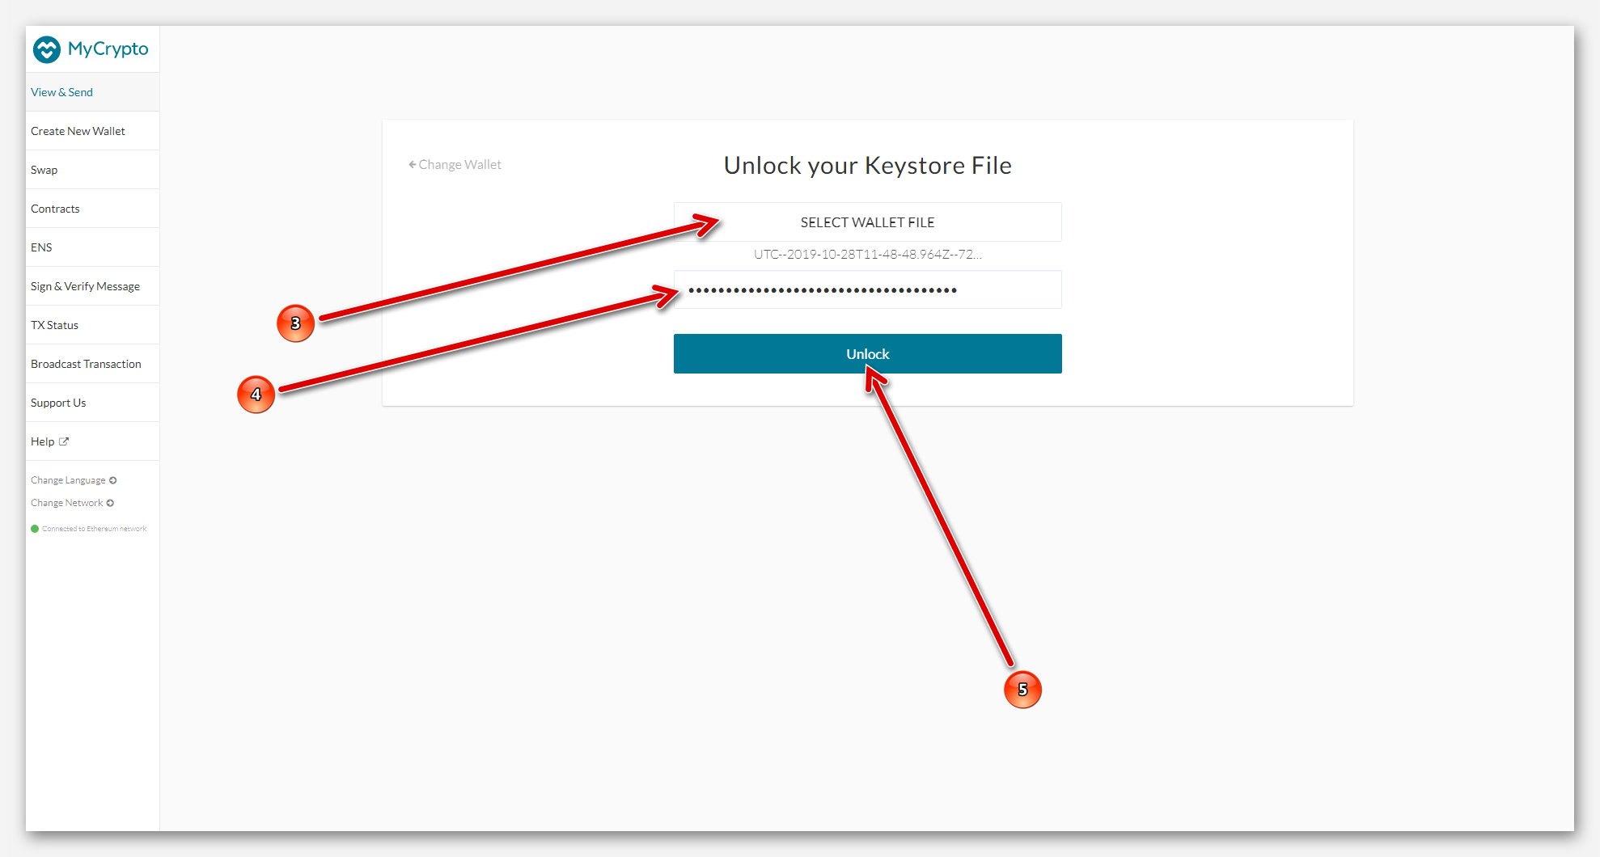 Вход в Ethereum кошелёк MyCrypto, с помощью Keystore File